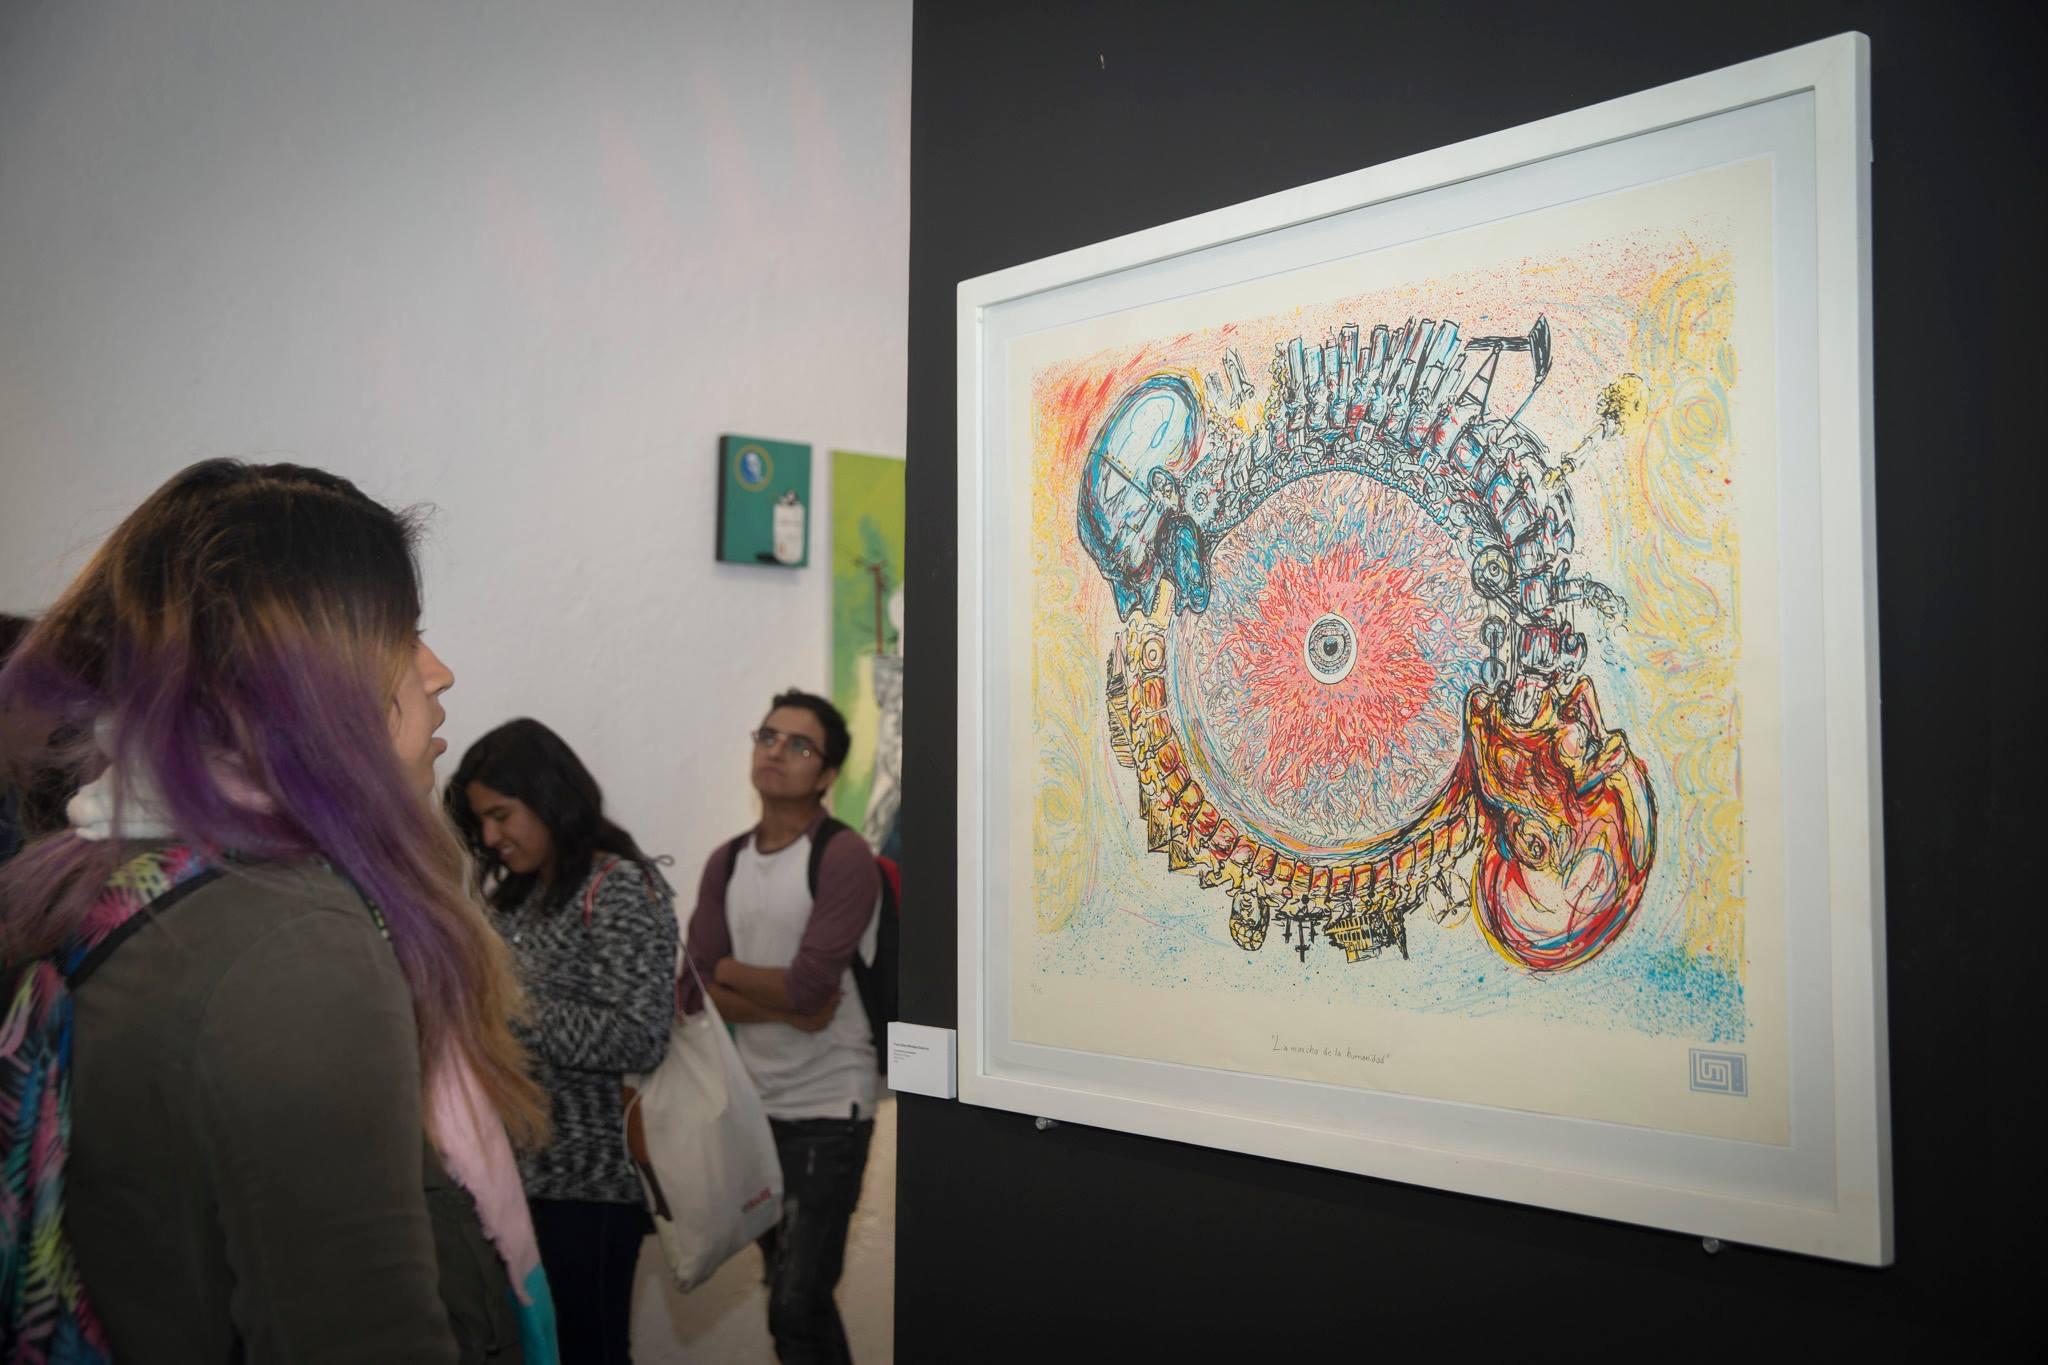 Artes de UAEM exhibe acervo de comunidad estudiantil